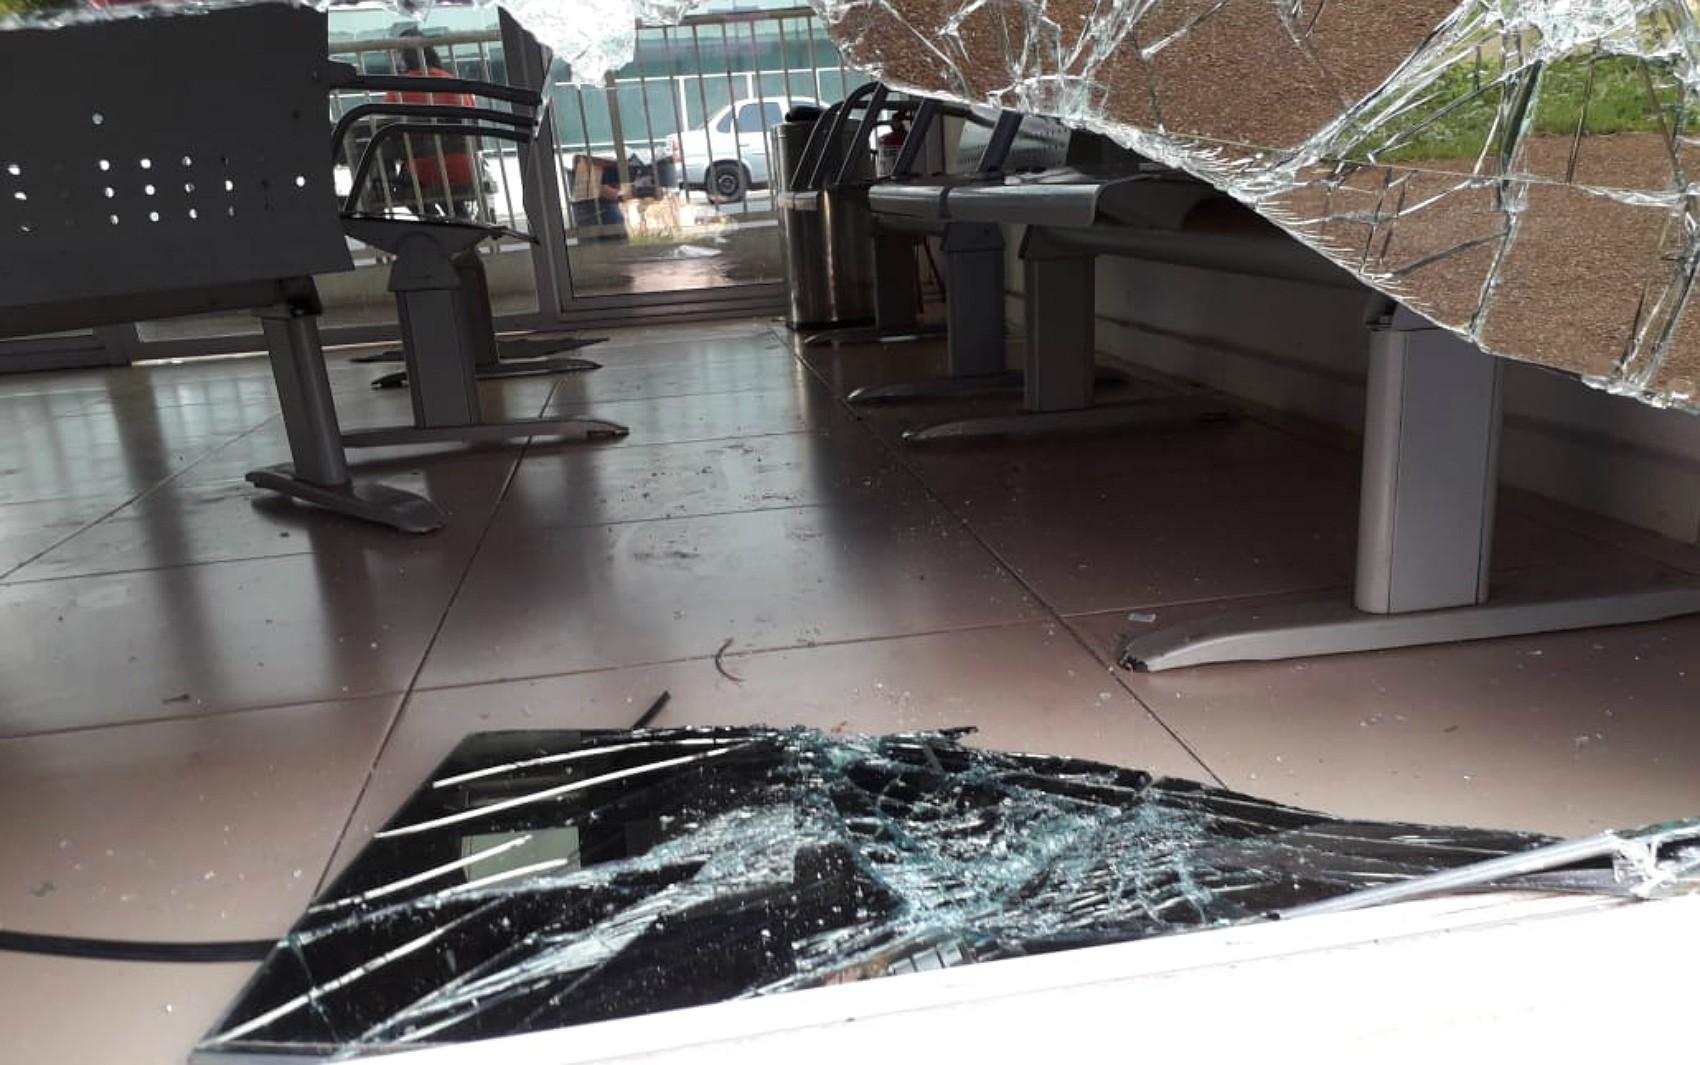 Terminal de ônibus é invadido e máquina de cartões é furtada na zona Sul de Ribeirão Preto - Notícias - Plantão Diário